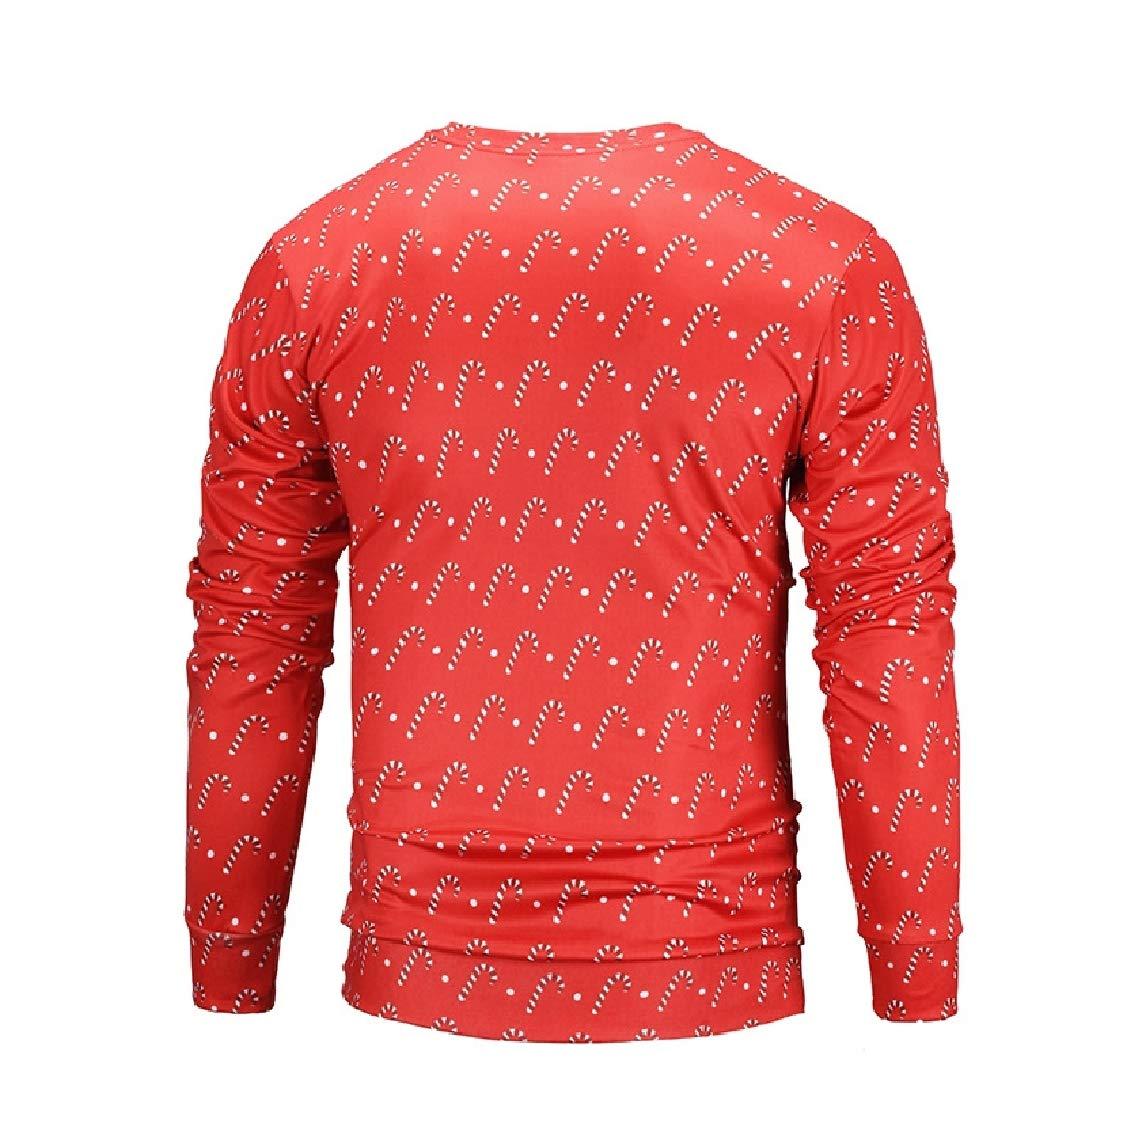 Godeyes Mens Chirstmas Red Crew-Neck Simple Print Sweatshirt